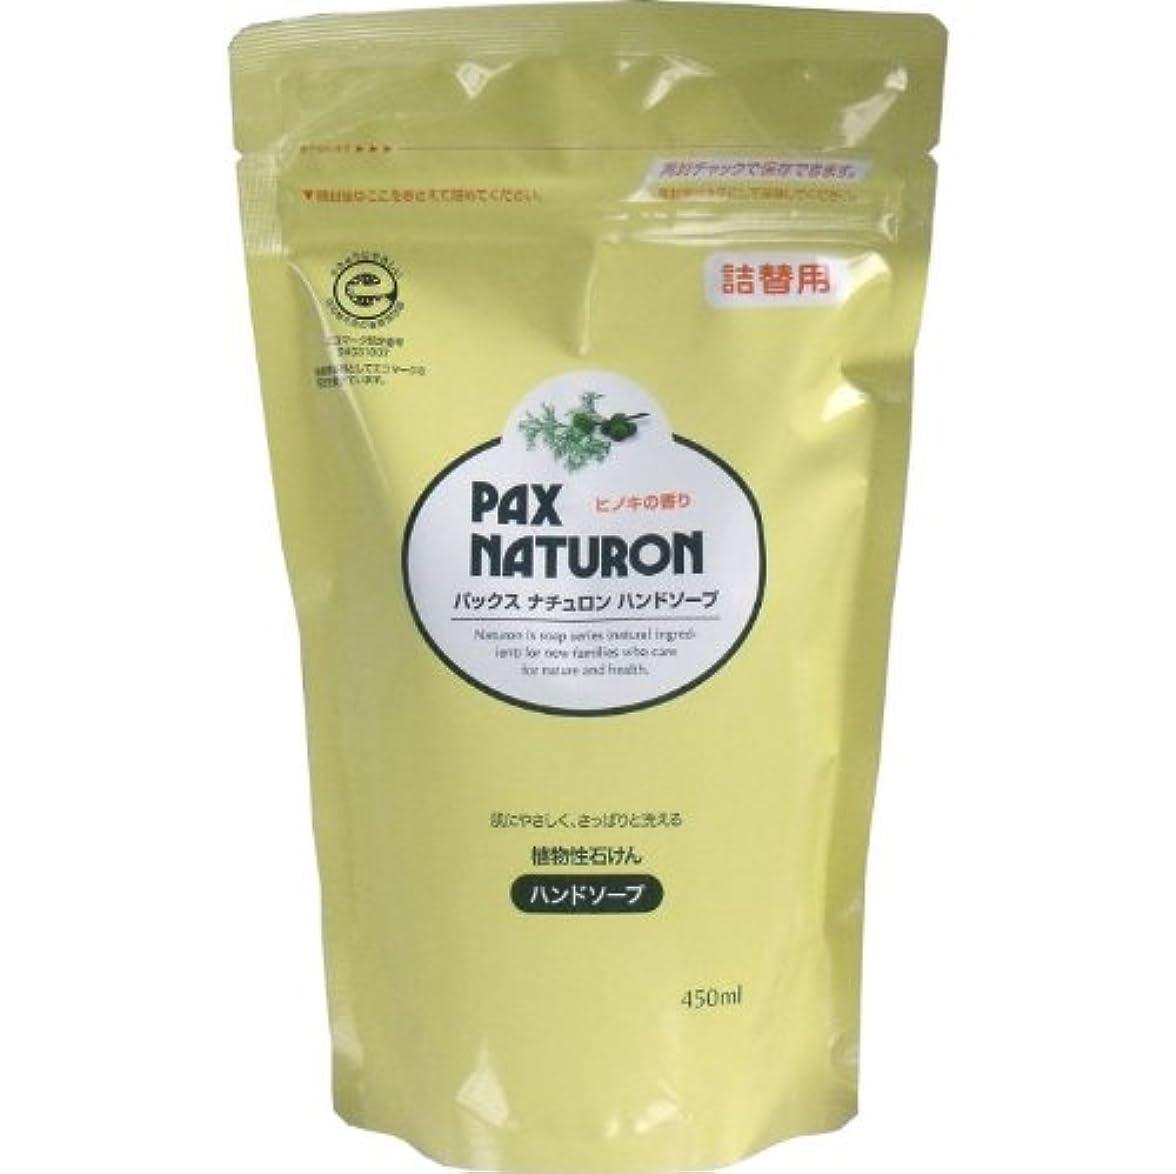 ステレオ最も早い平らな肌にやさしく、さっぱりと洗える植物性石けん!植物性ハンドソープ 詰替用 450mL